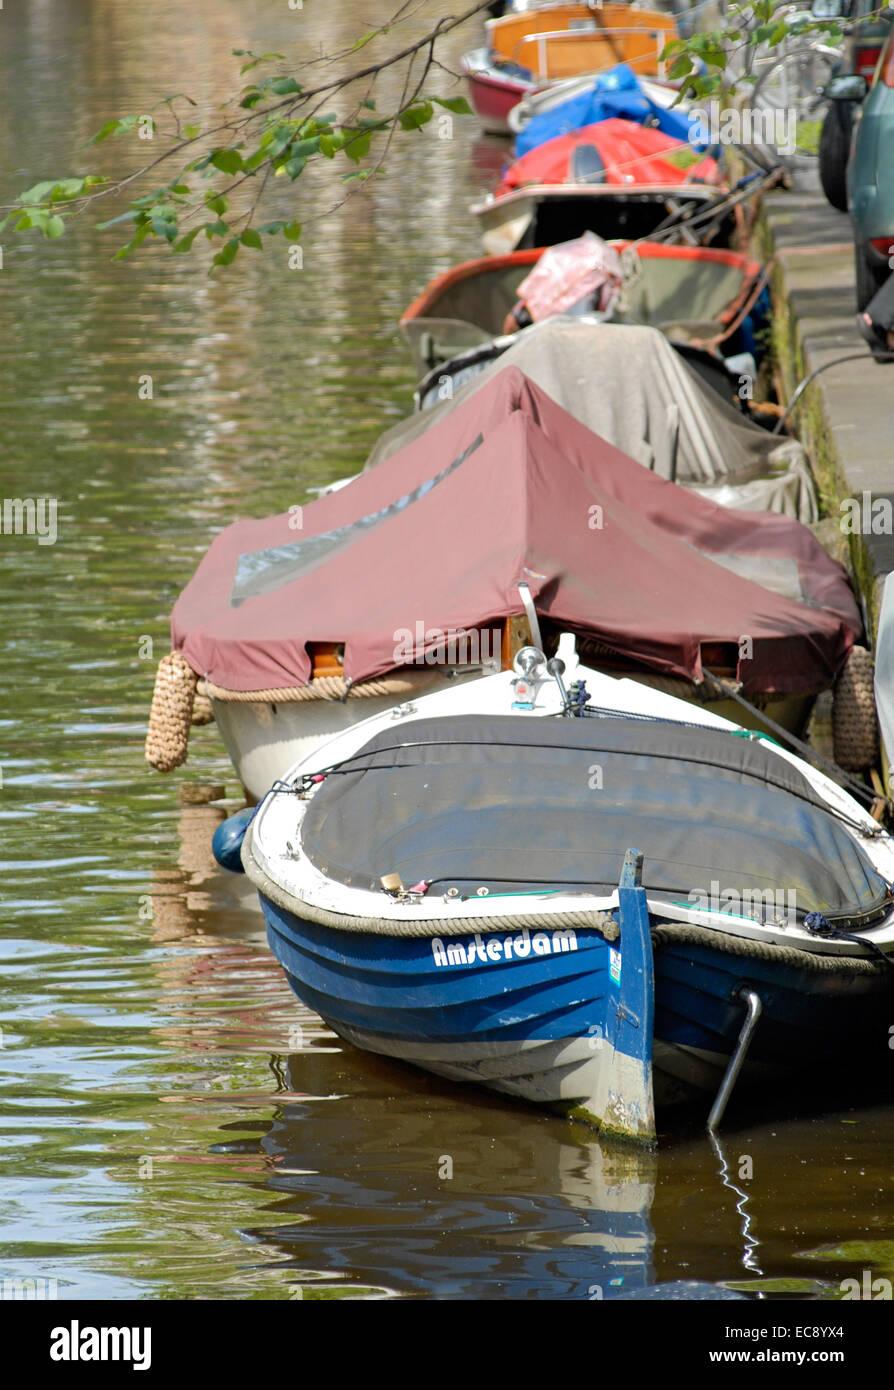 Les petits bateaux dans un canal d'eau dans le centre-ville d'Amsterdam, Pays-Bas. Banque D'Images